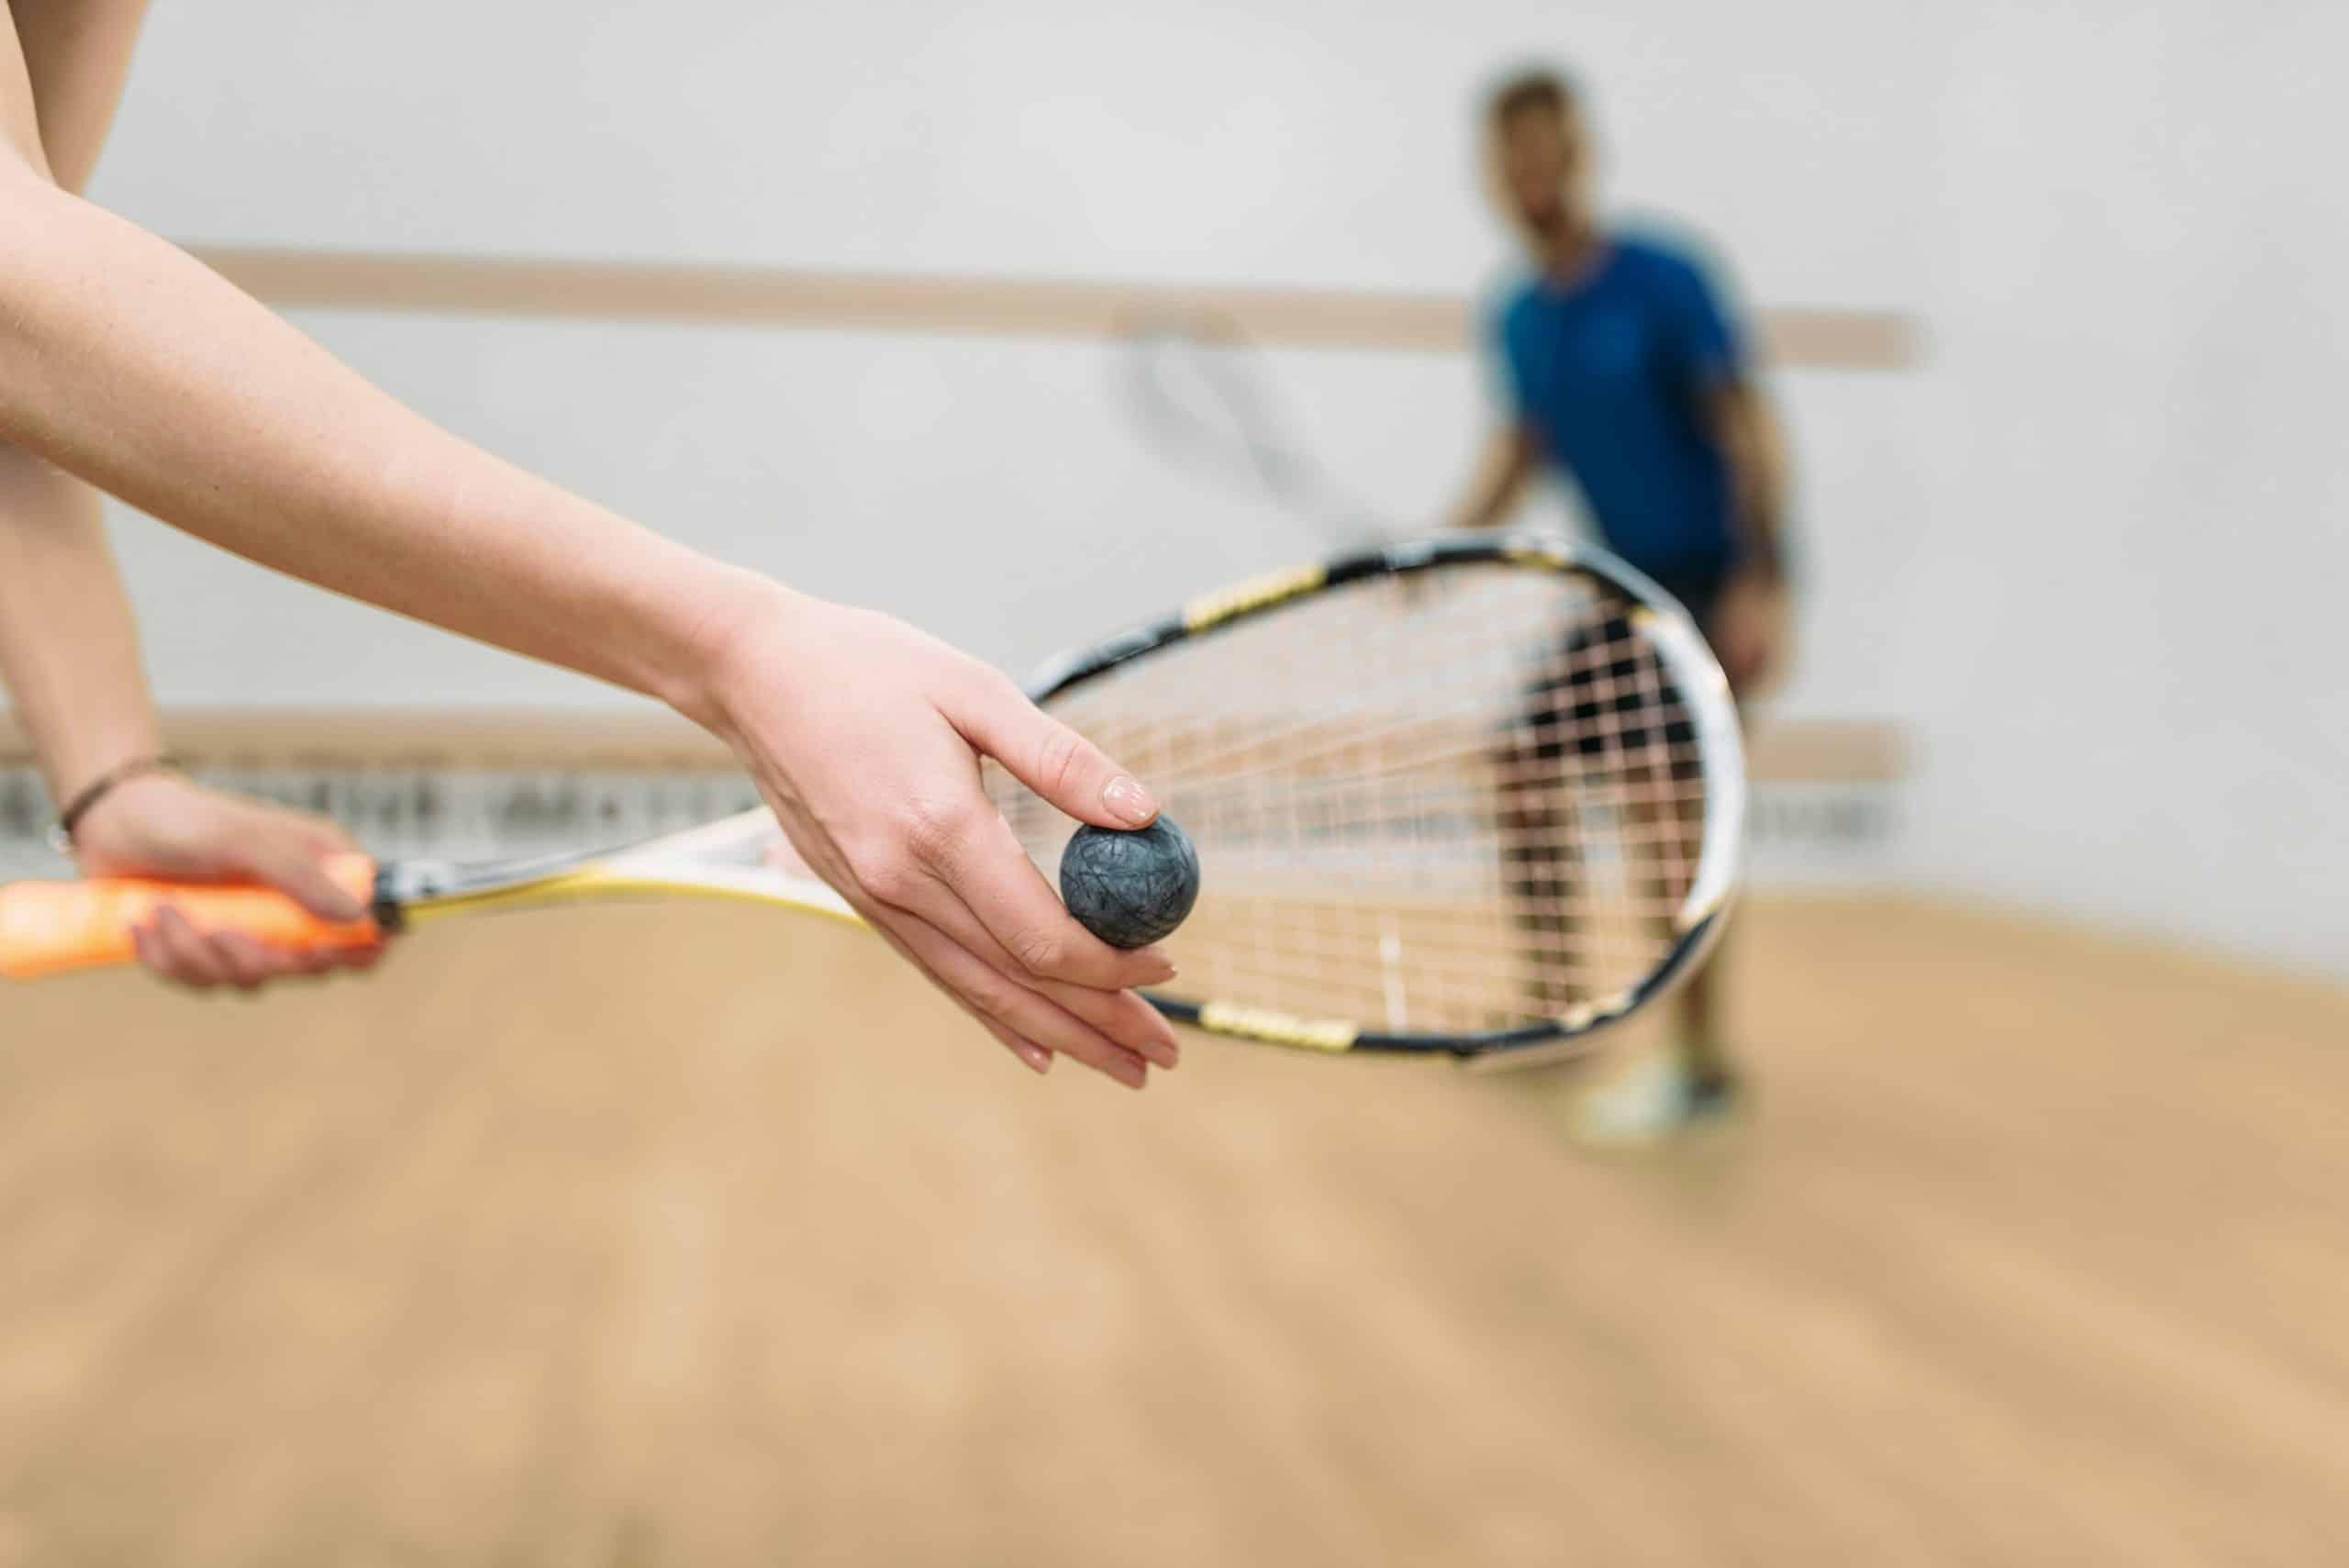 You are currently viewing Squashkausi pakettiin ja katse tulevaisuuteen